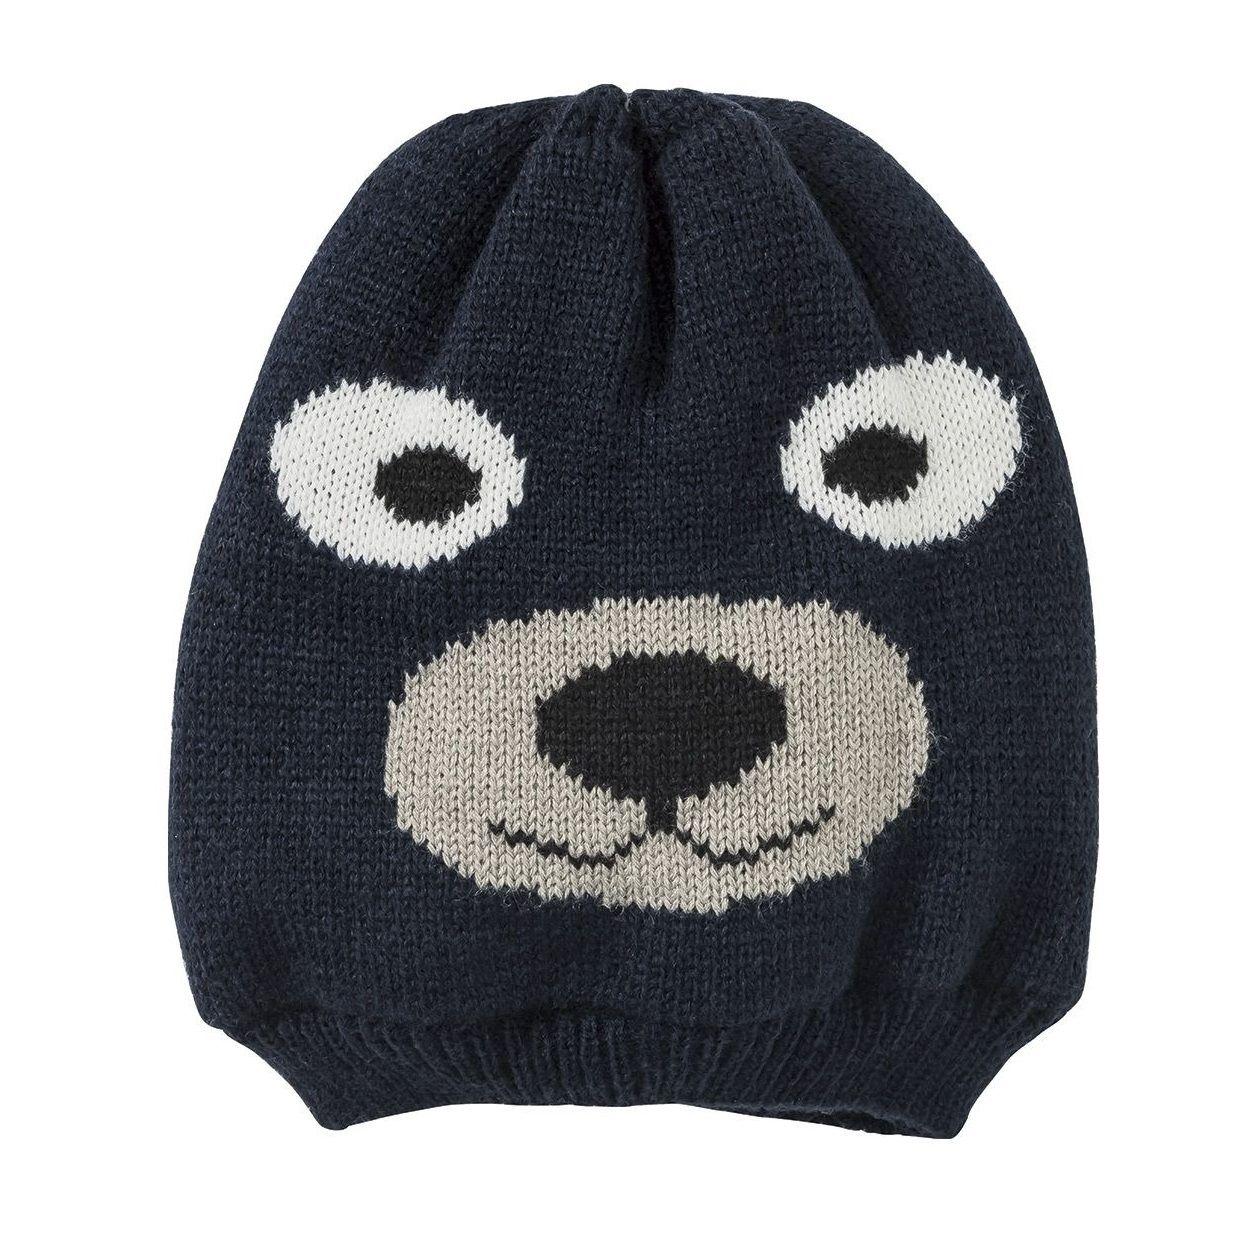 کلاه بافتنی نوزادی لوپیلو کد KN107 -  - 2